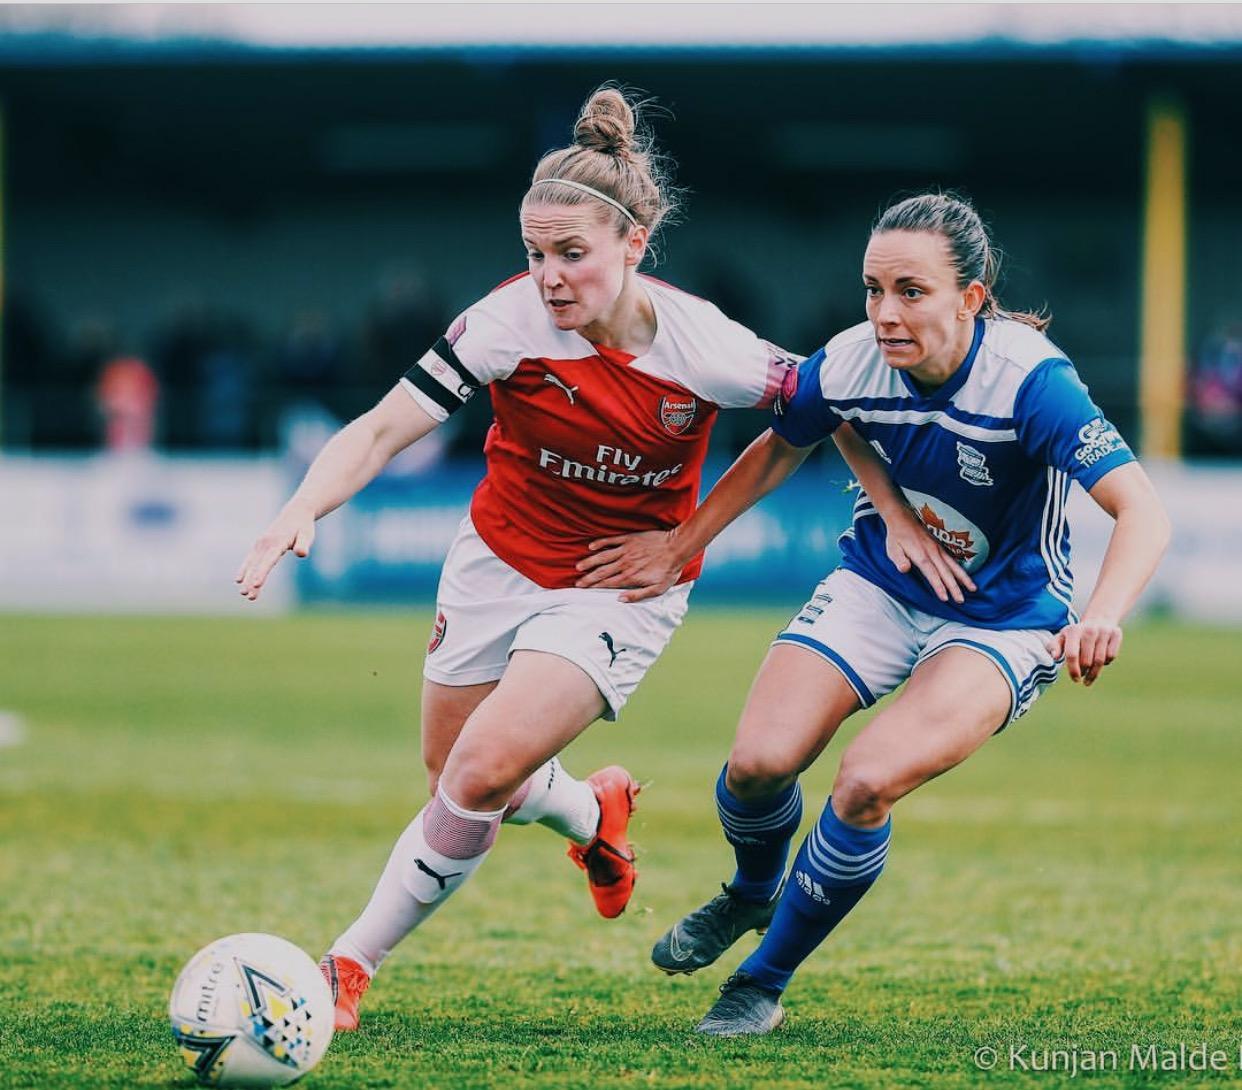 Kim Little for Arsenal vs. Lucy Staniforth for Birmingham City. Img: Kunjan Malde